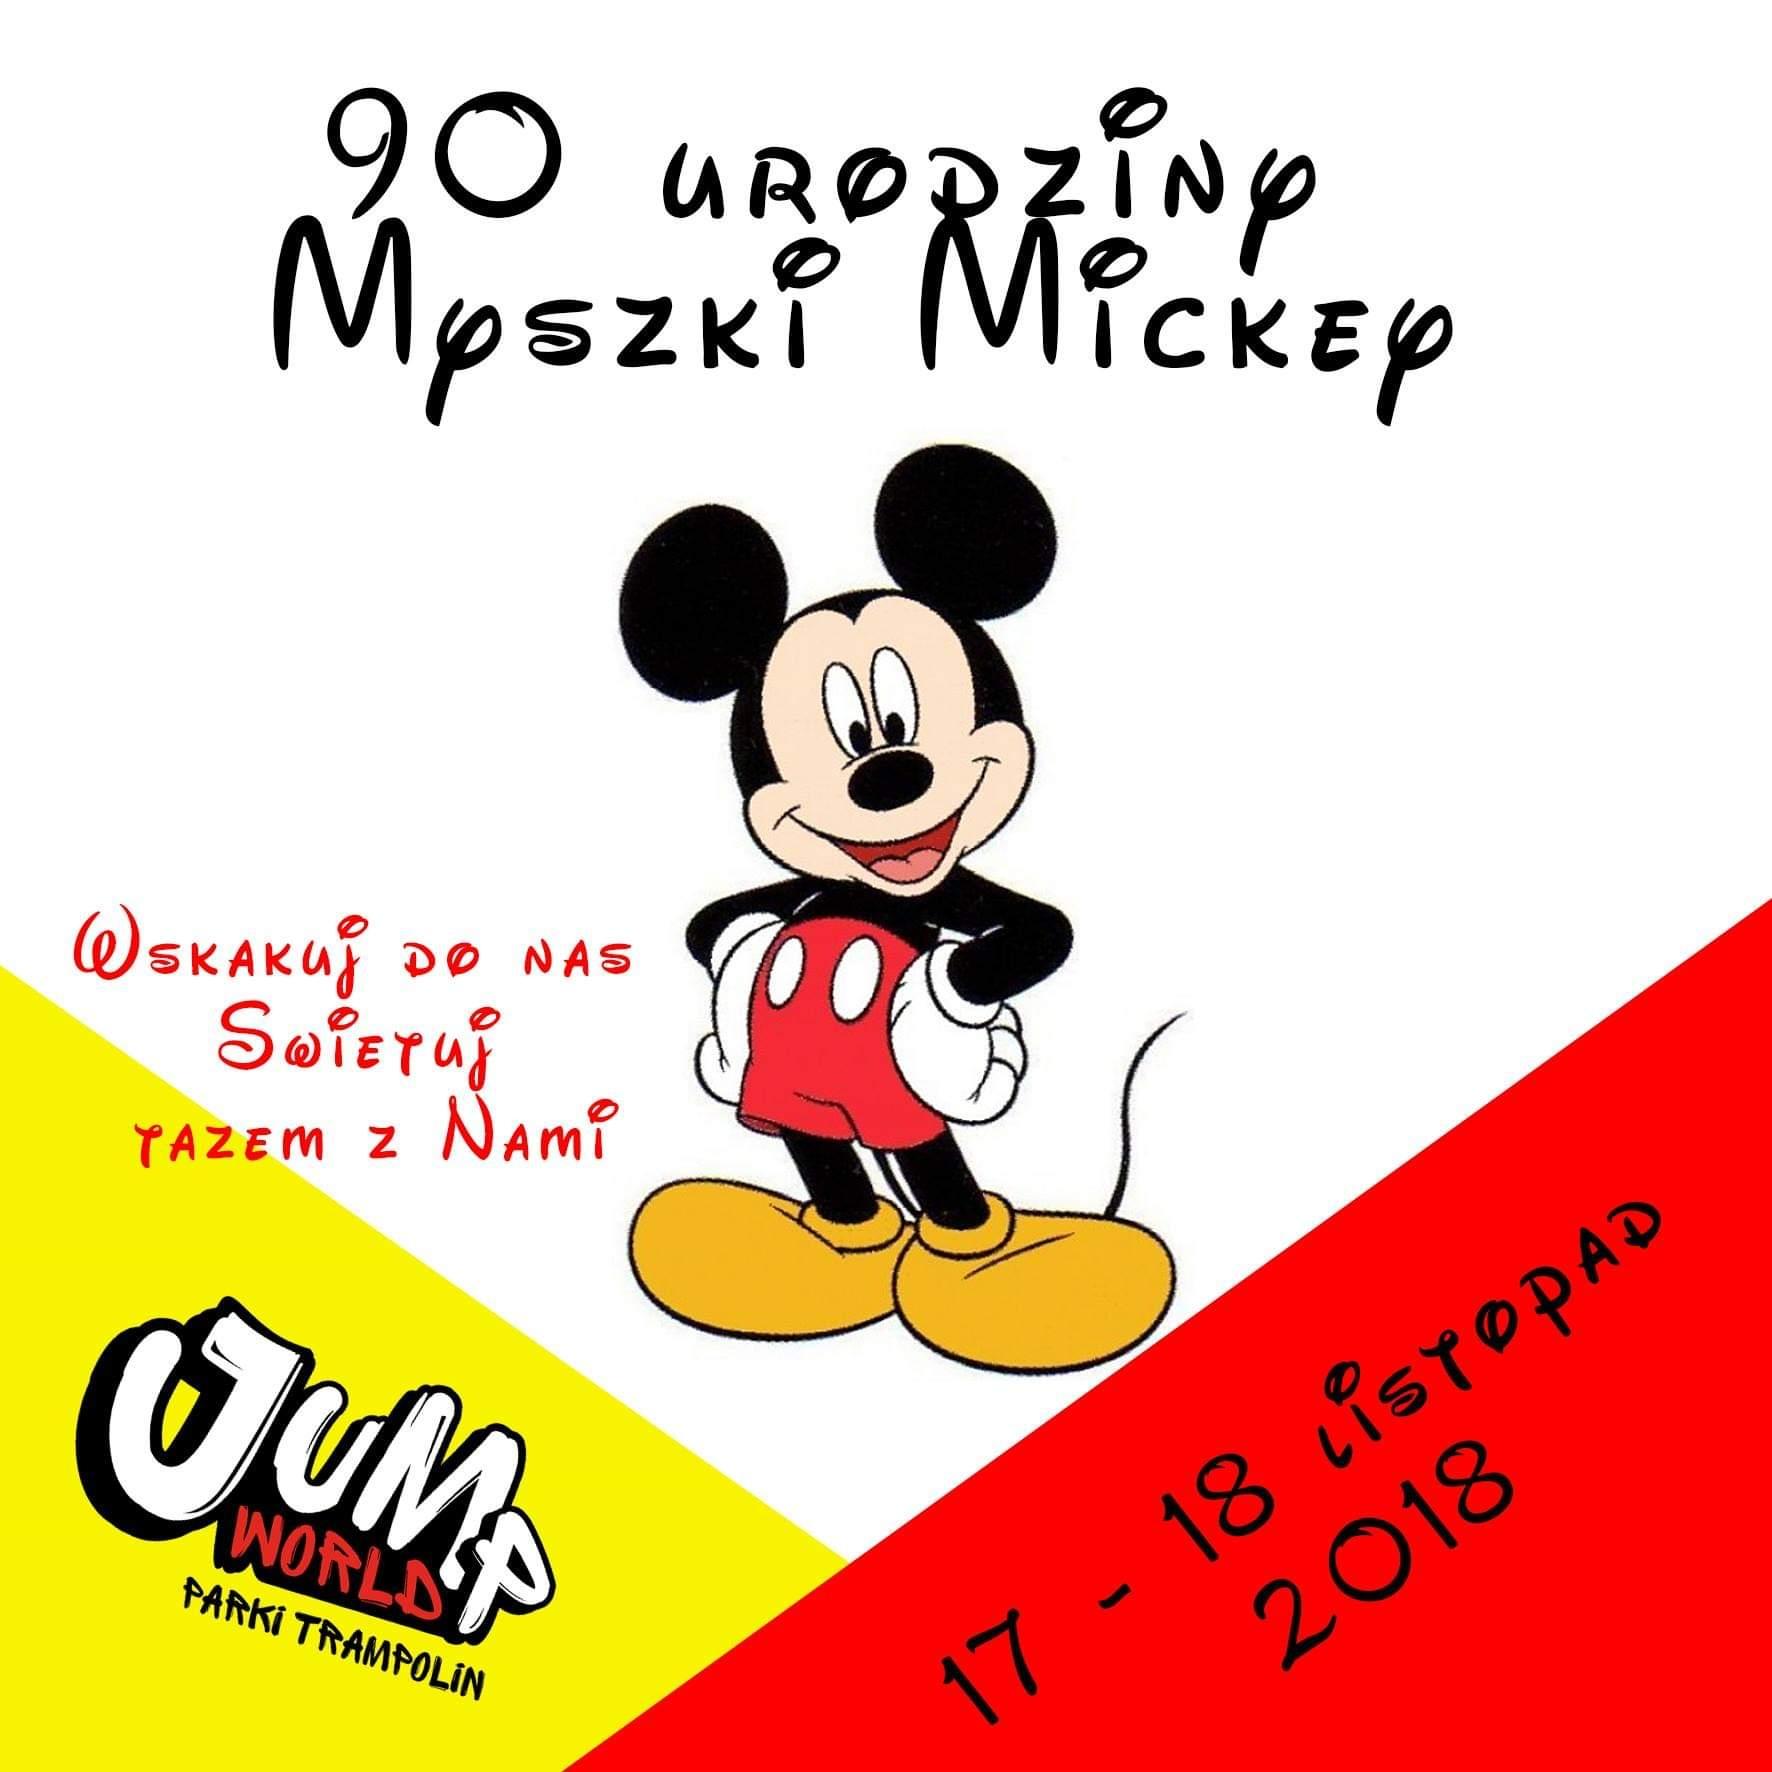 90 urodziny Myszki Mickey w JumpWorld Tarnowskie Góry